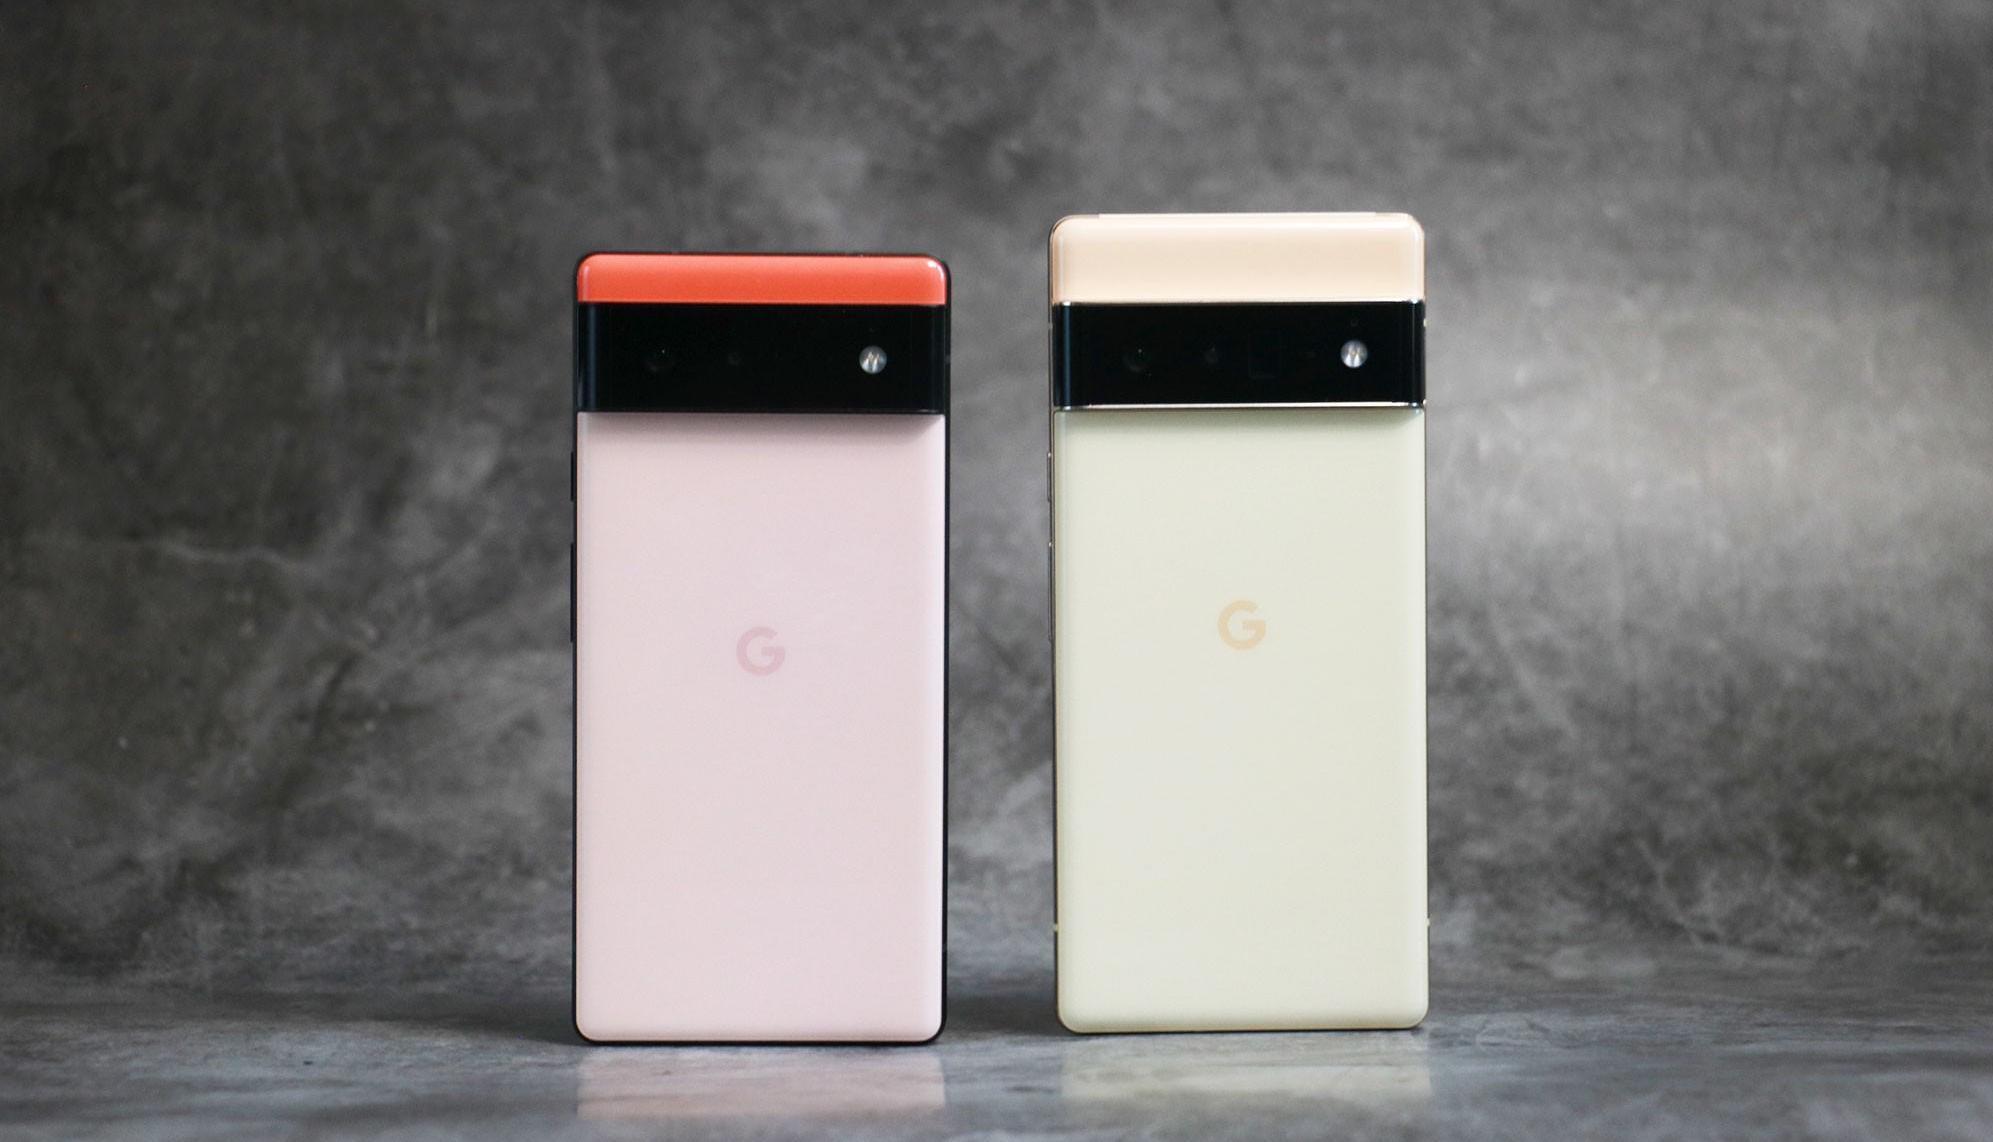 Google представила флагманские смартфоны Pixel 6 и Pixel 6 Pro с чипом Tensor собственной разработки